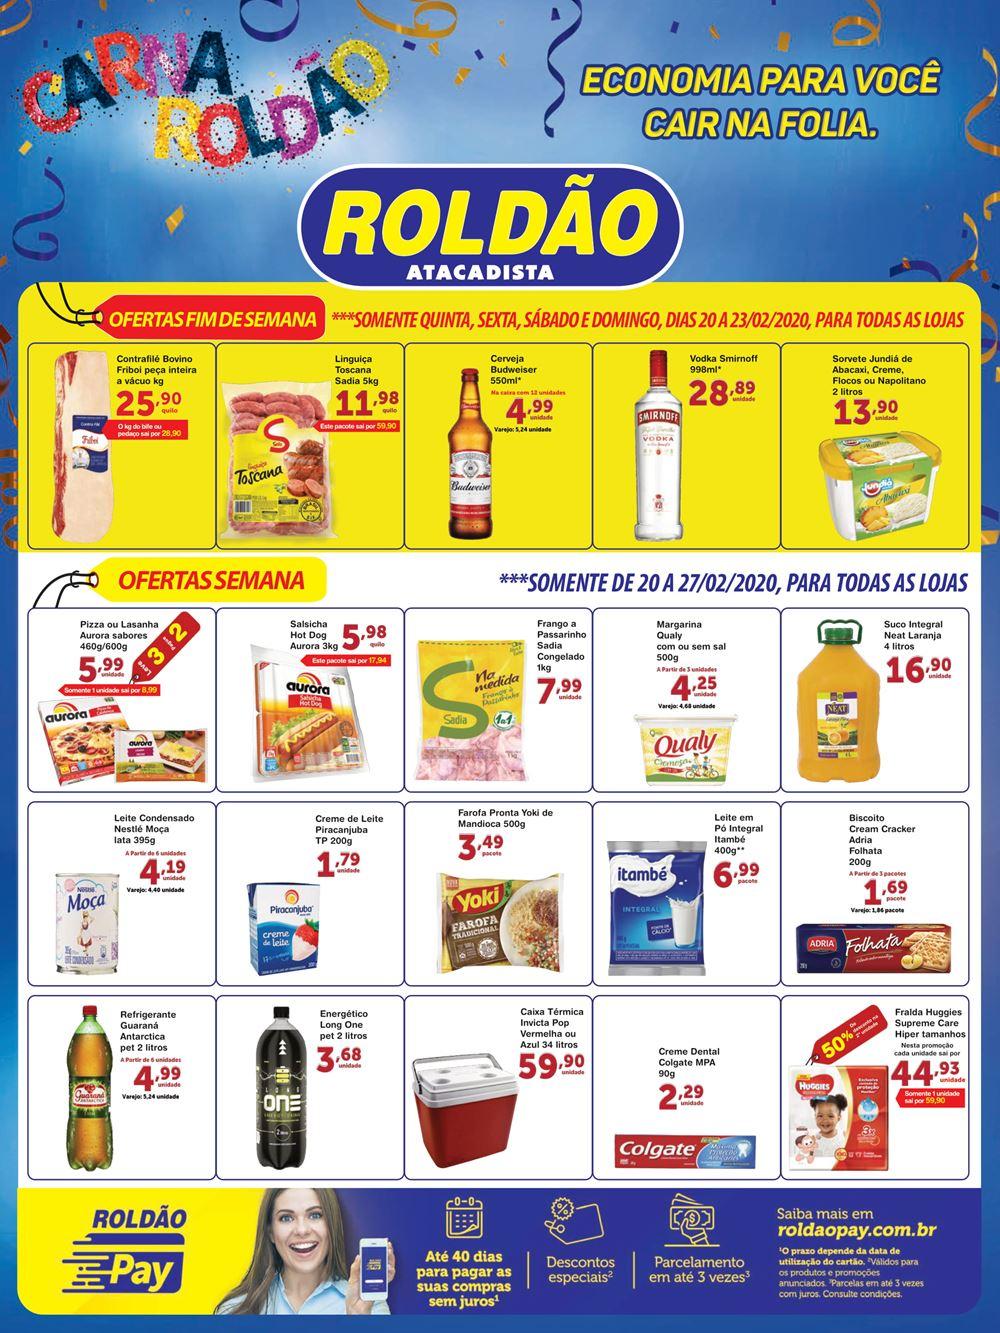 roldao-Ofertas1 Ofertas de supermercados - Hoje